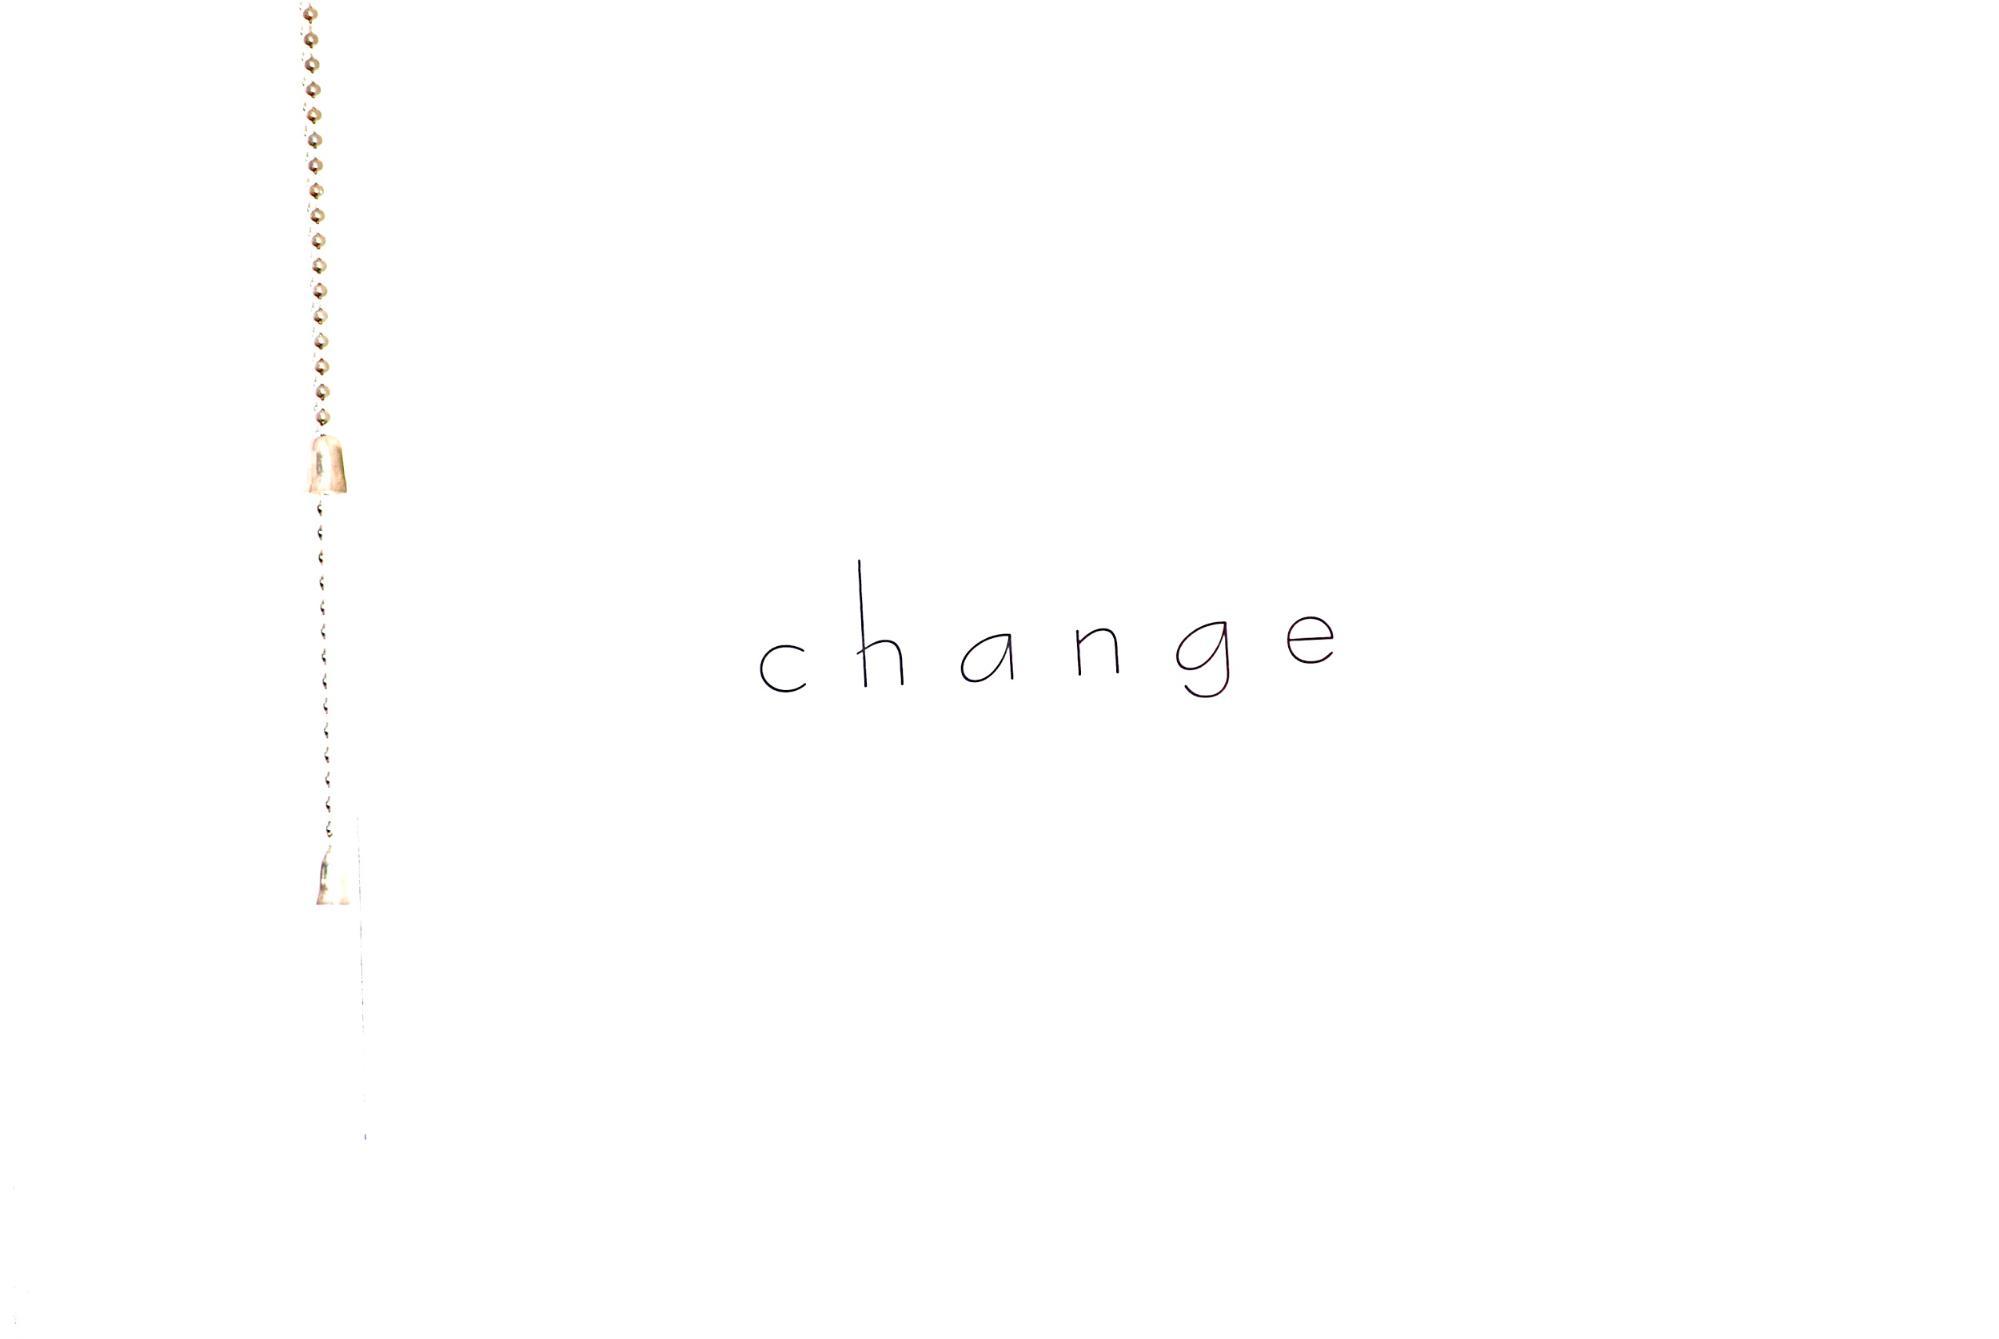 Иллюстрация к статье: Нейромаркетинг: Дизайн, меняющий поведение